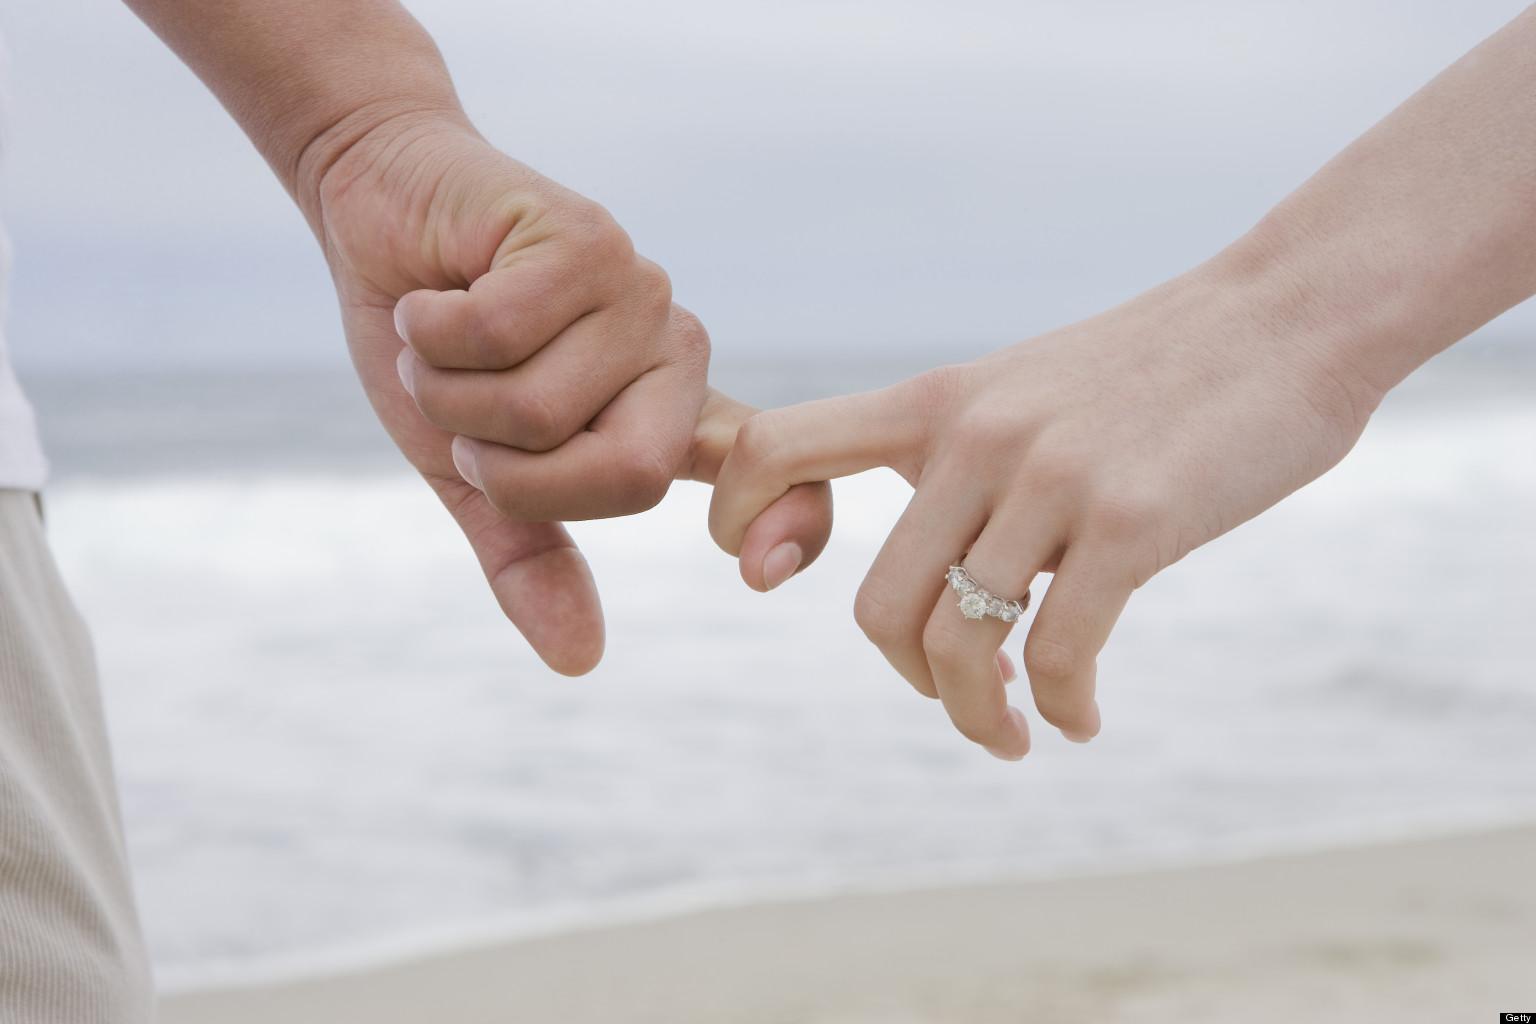 افزایش رضایت همسر از زندگی مشترک